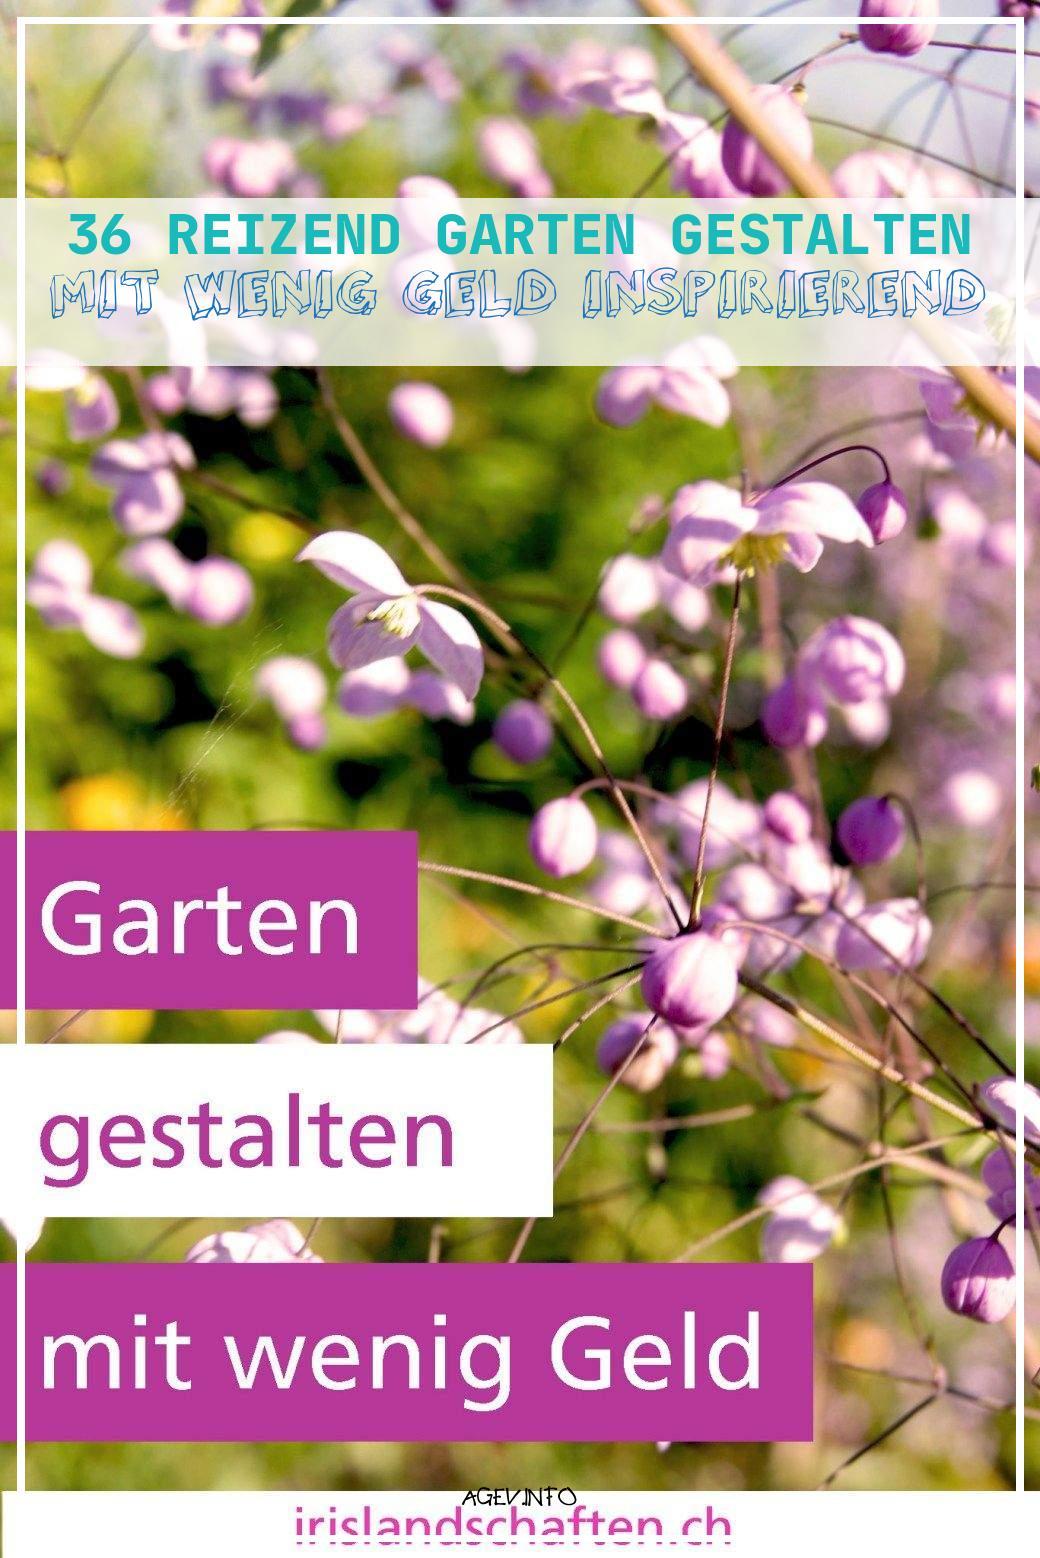 Garten Gestalten Mit Wenig Geld Das Beste Von Garten Gestalten Mit Wenig Geld Heute ist Schon Der Dritte